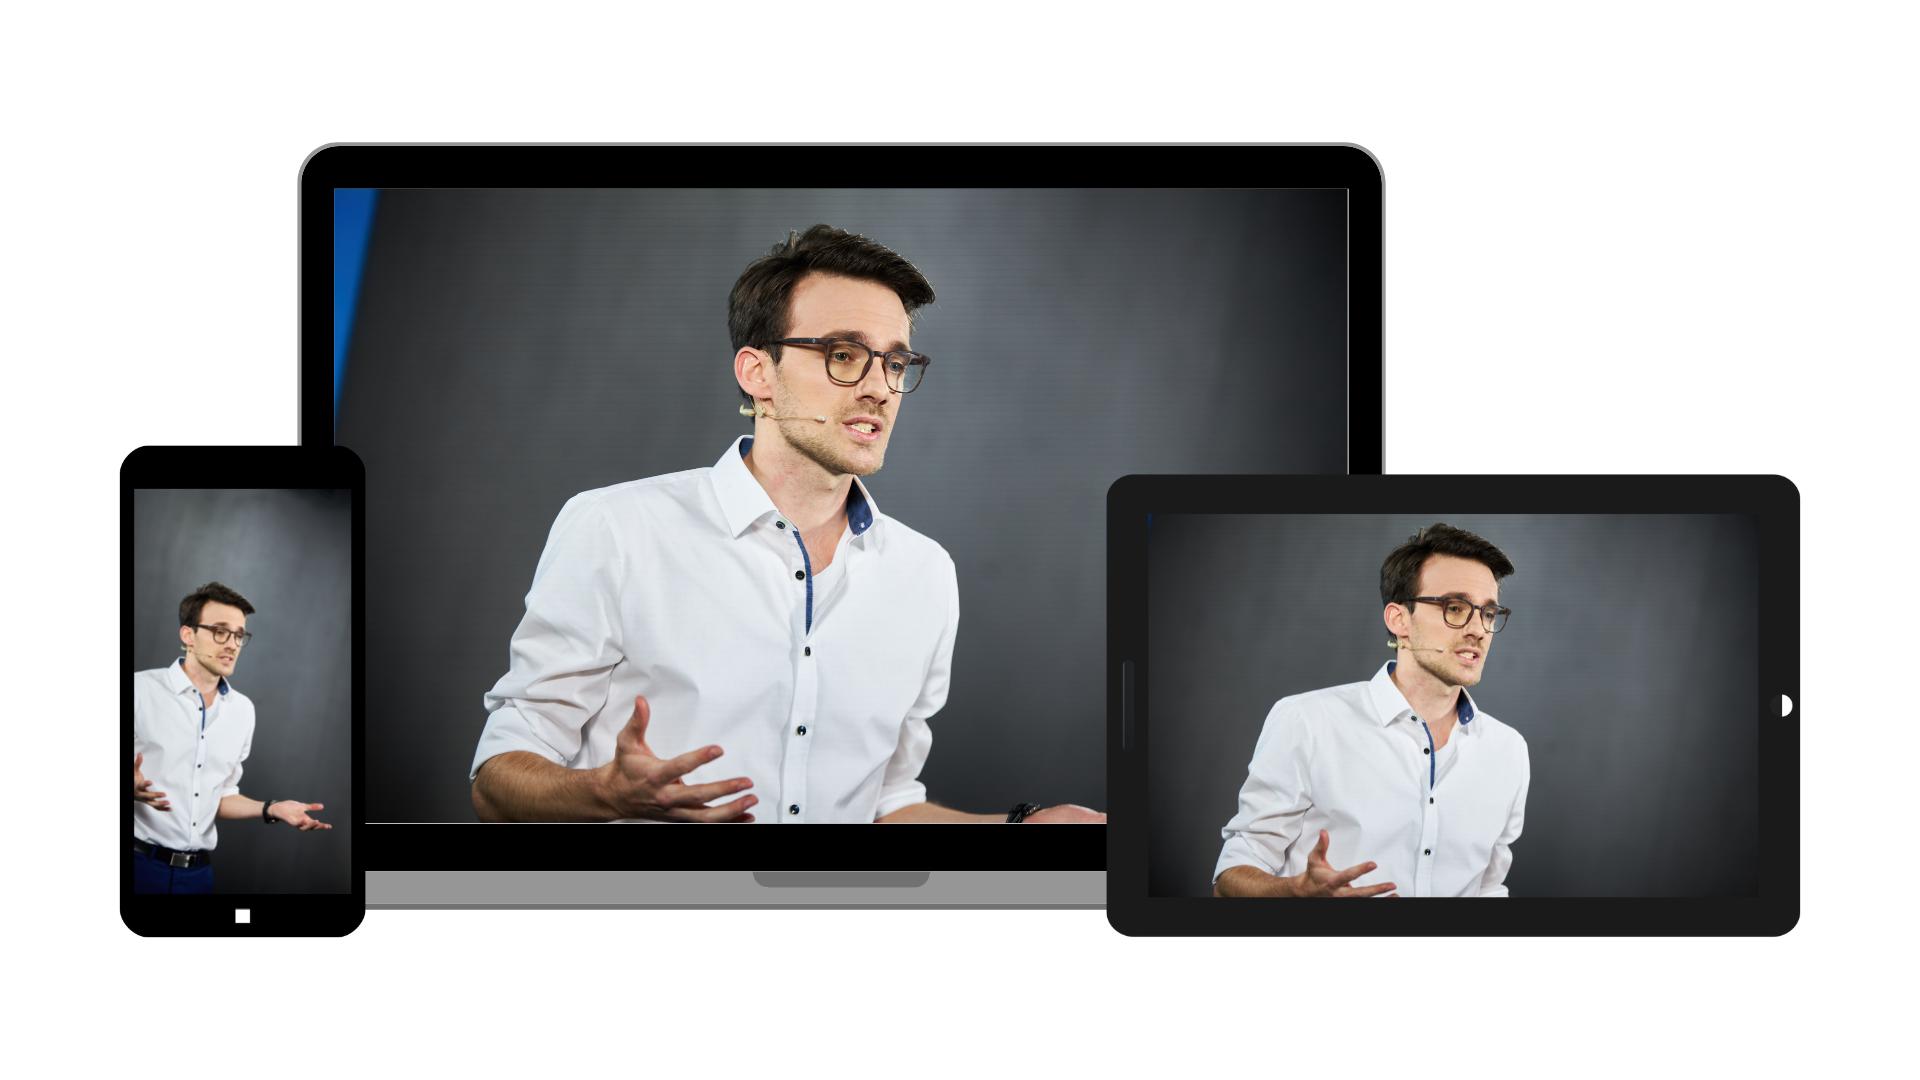 Ein Computer, Ipad und Smartphone mit Maximilian Delkeskamp auf dem Bildschirm